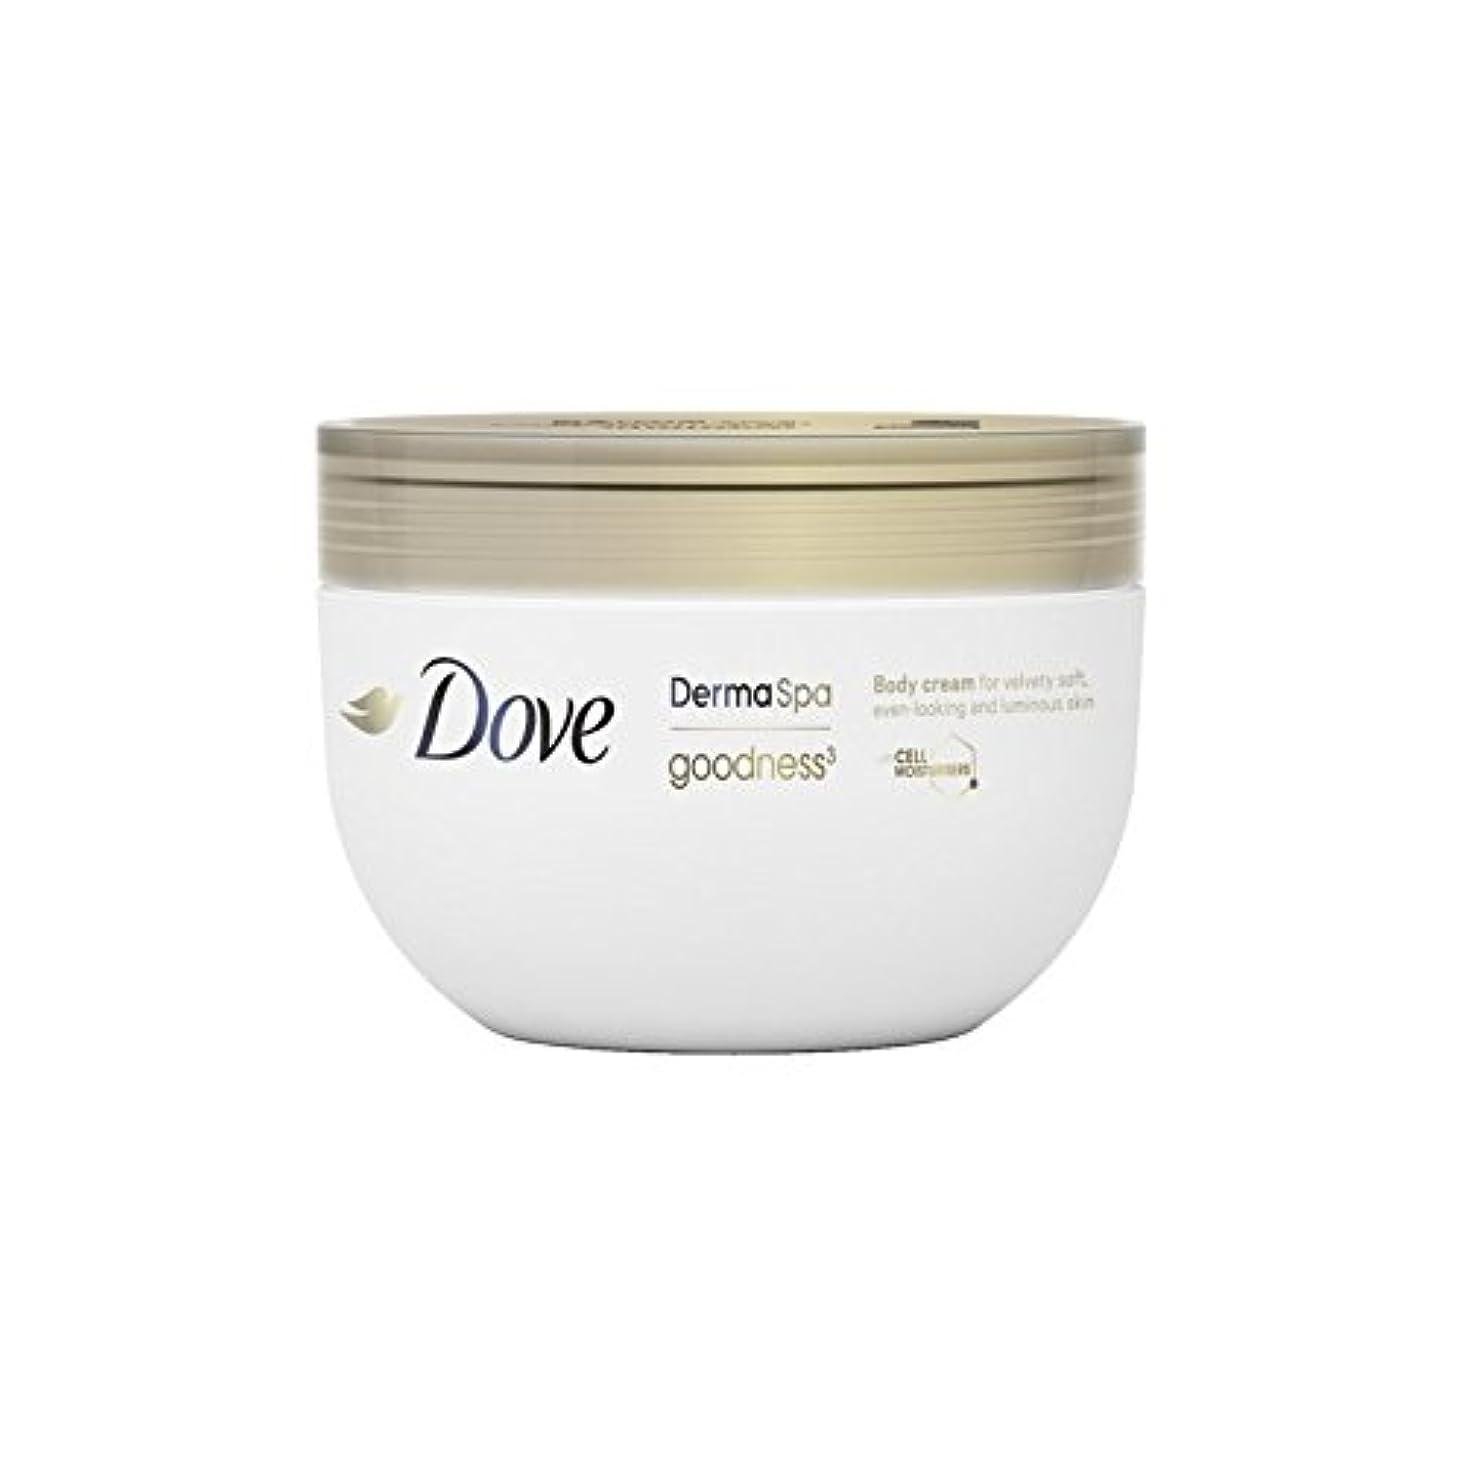 宴会に対処する適応Dove DermaSpa Goodness3 Body Cream (300ml) (Pack of 6) - 鳩の3ボディクリーム(300ミリリットル) x6 [並行輸入品]